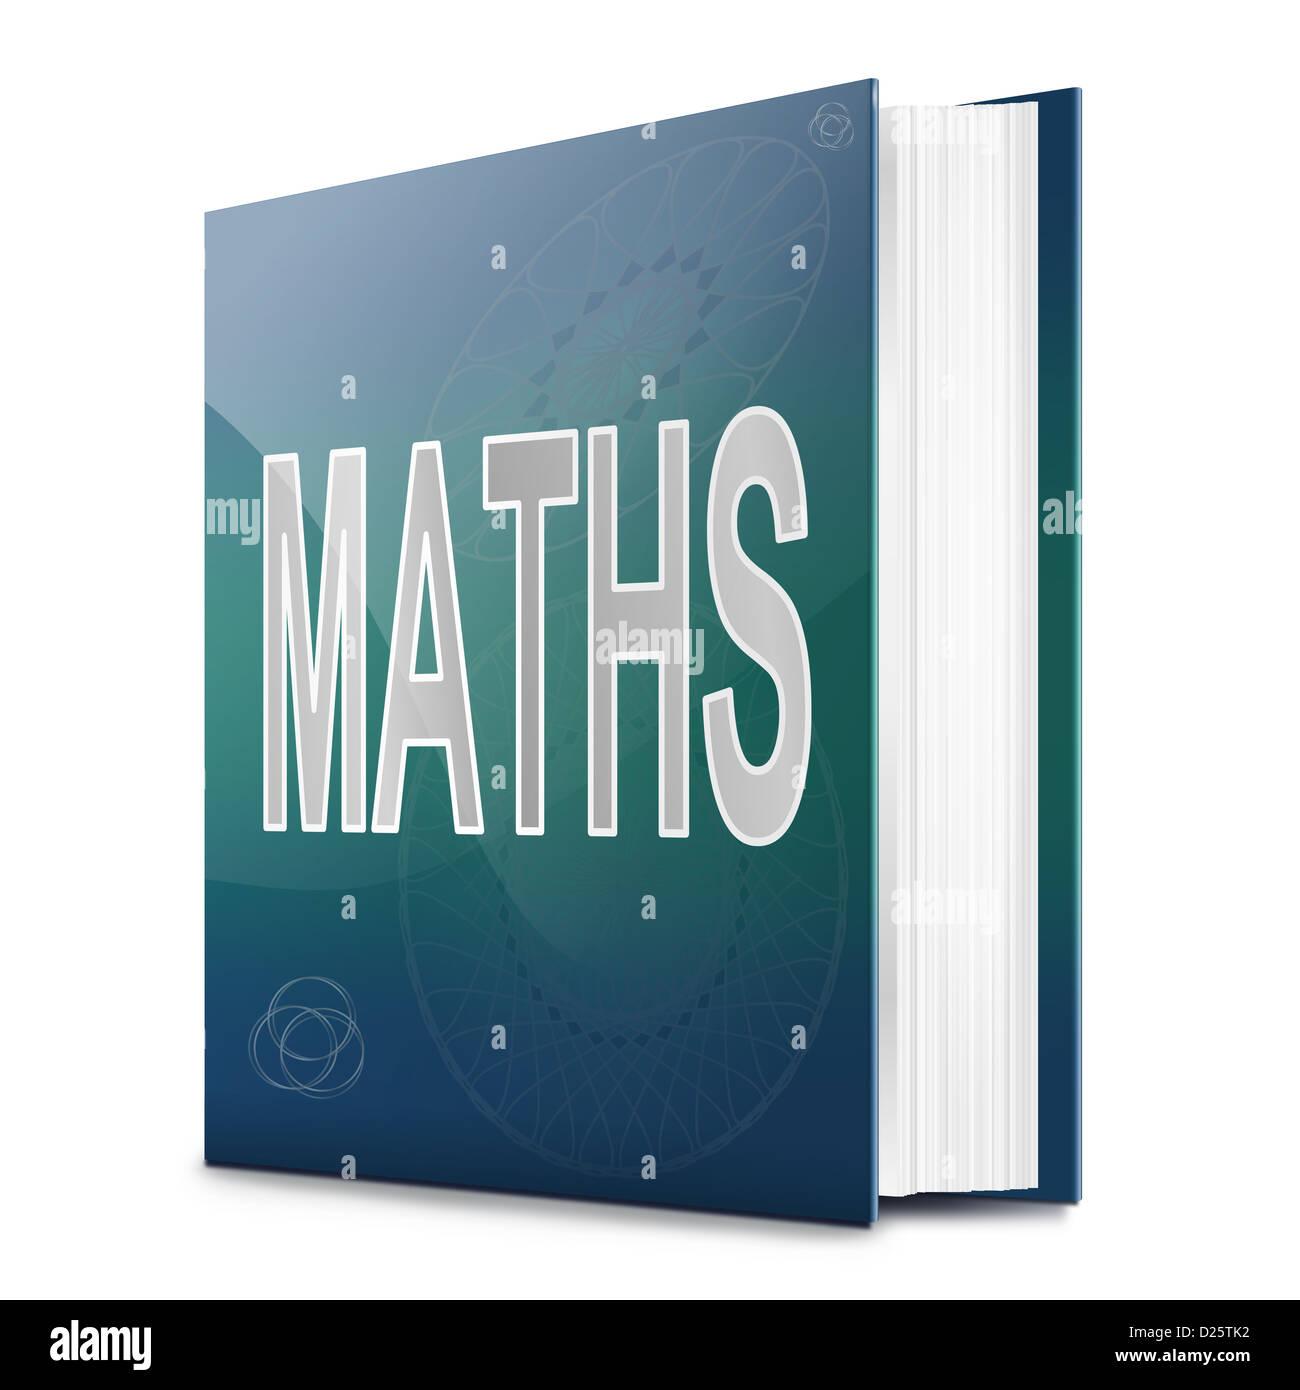 Maths Book Stock Photos & Maths Book Stock Images - Alamy